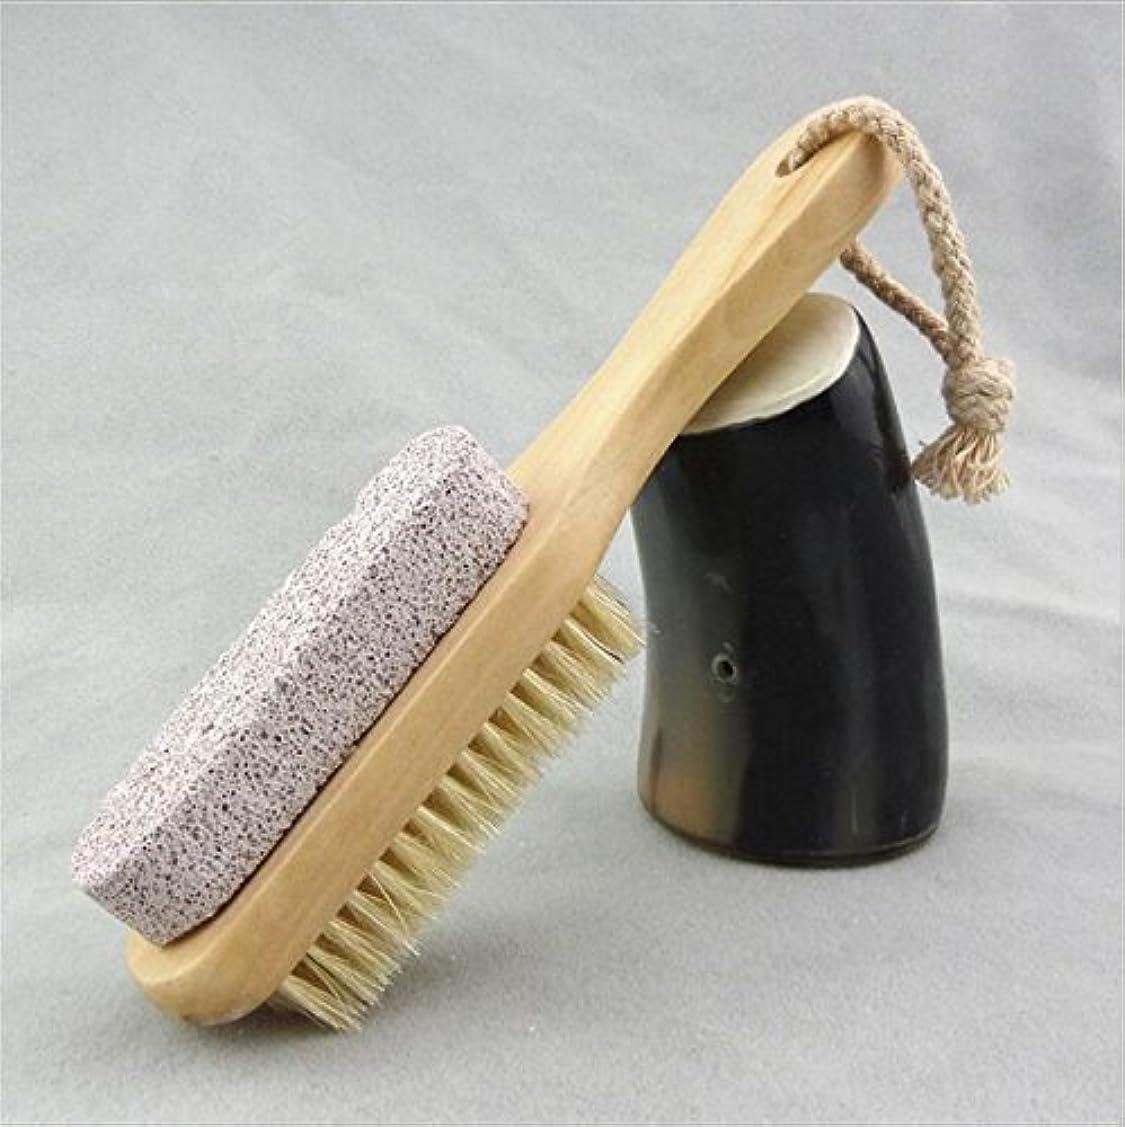 付属品長さもっと少なくBigmind 足軽石の足爪ブラシ 角質除去 天然毛 足爪 かかと削り フット用品 ブラシフットケア かかとキレイフットブラシ